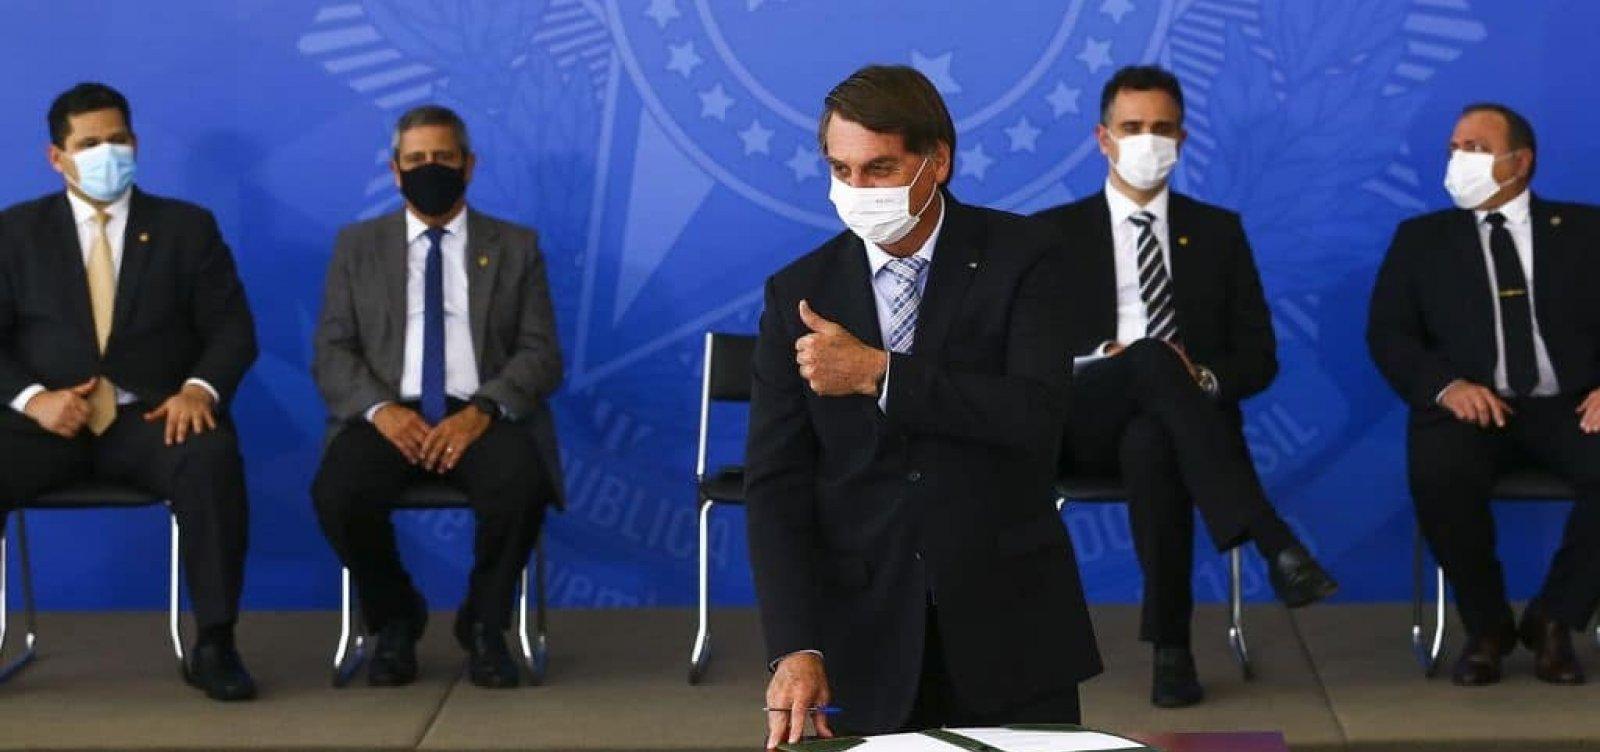 Bolsonaro vê alta 'inadmissível' do gás e ação da Petrobras reage com queda